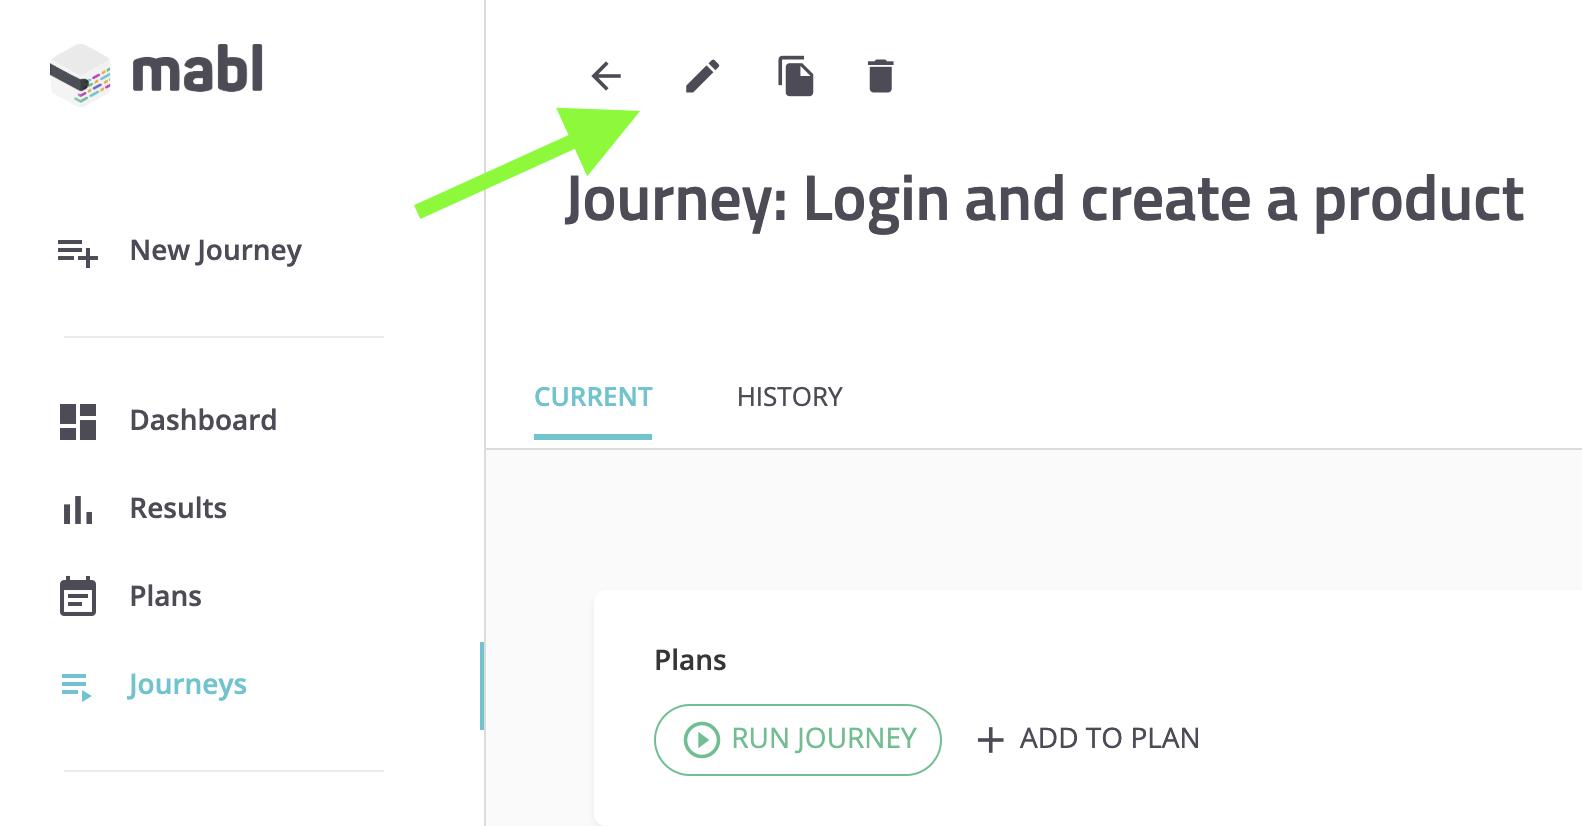 Edit journey details